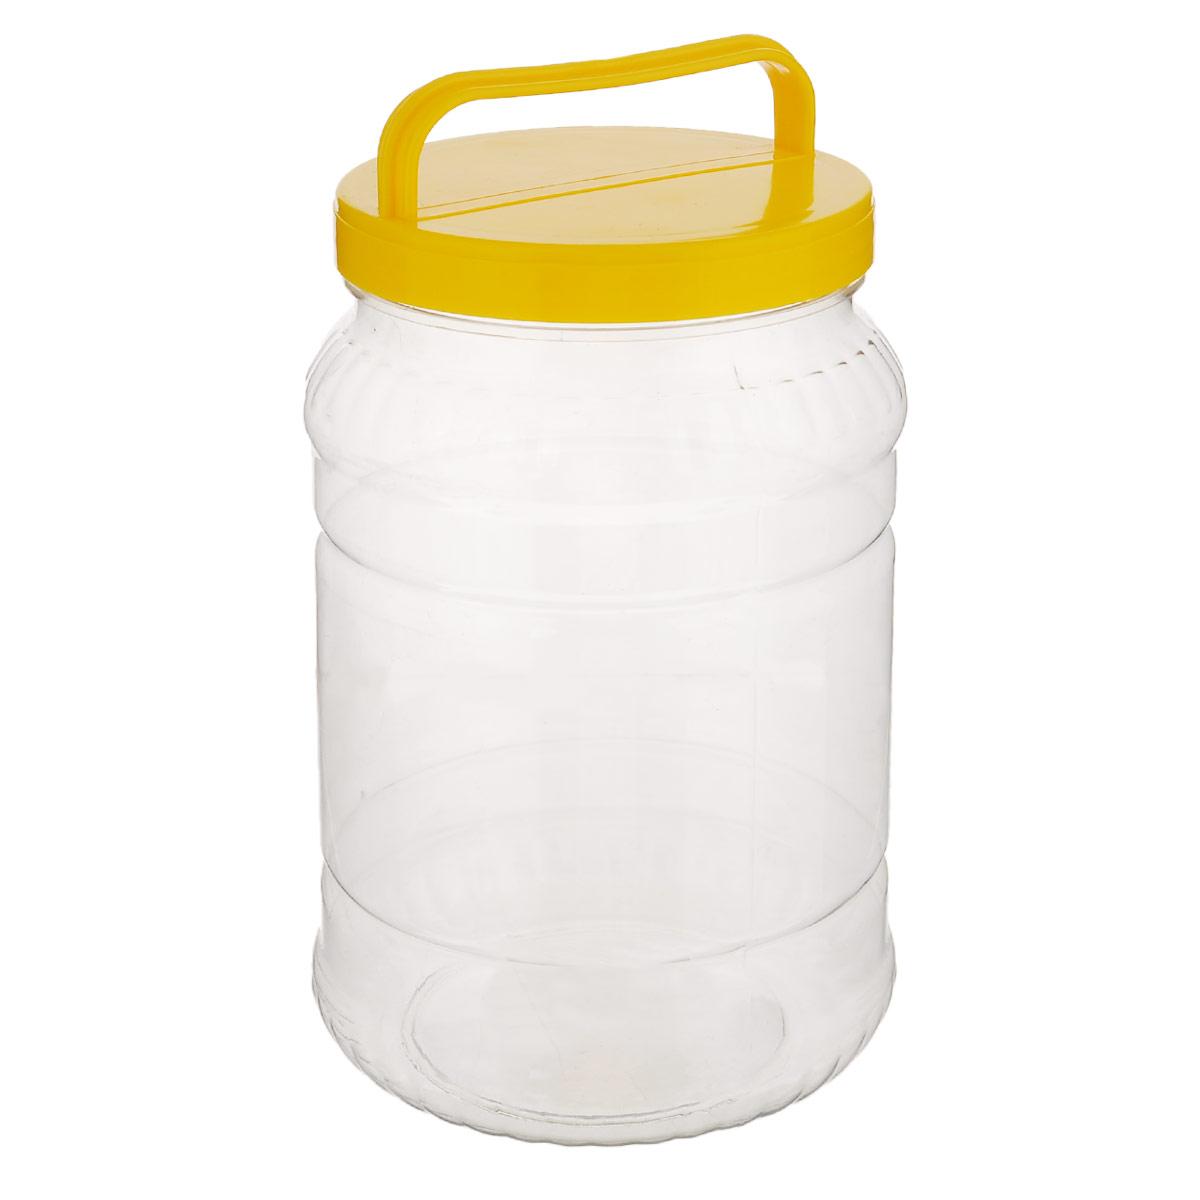 """Бидон """"Альтернатива"""" предназначен для хранения и переноски пищевых  продуктов, таких  как молоко, вода и прочее. Выполнен из пищевого высококачественного пластика.  Оснащен  ручкой  для удобной переноски. Бидон """"Альтернатива"""" станет незаменимым аксессуаром на вашей кухне.   Высота бидона (без учета крышки): 20,5 см. Диаметр: 10,5 см."""